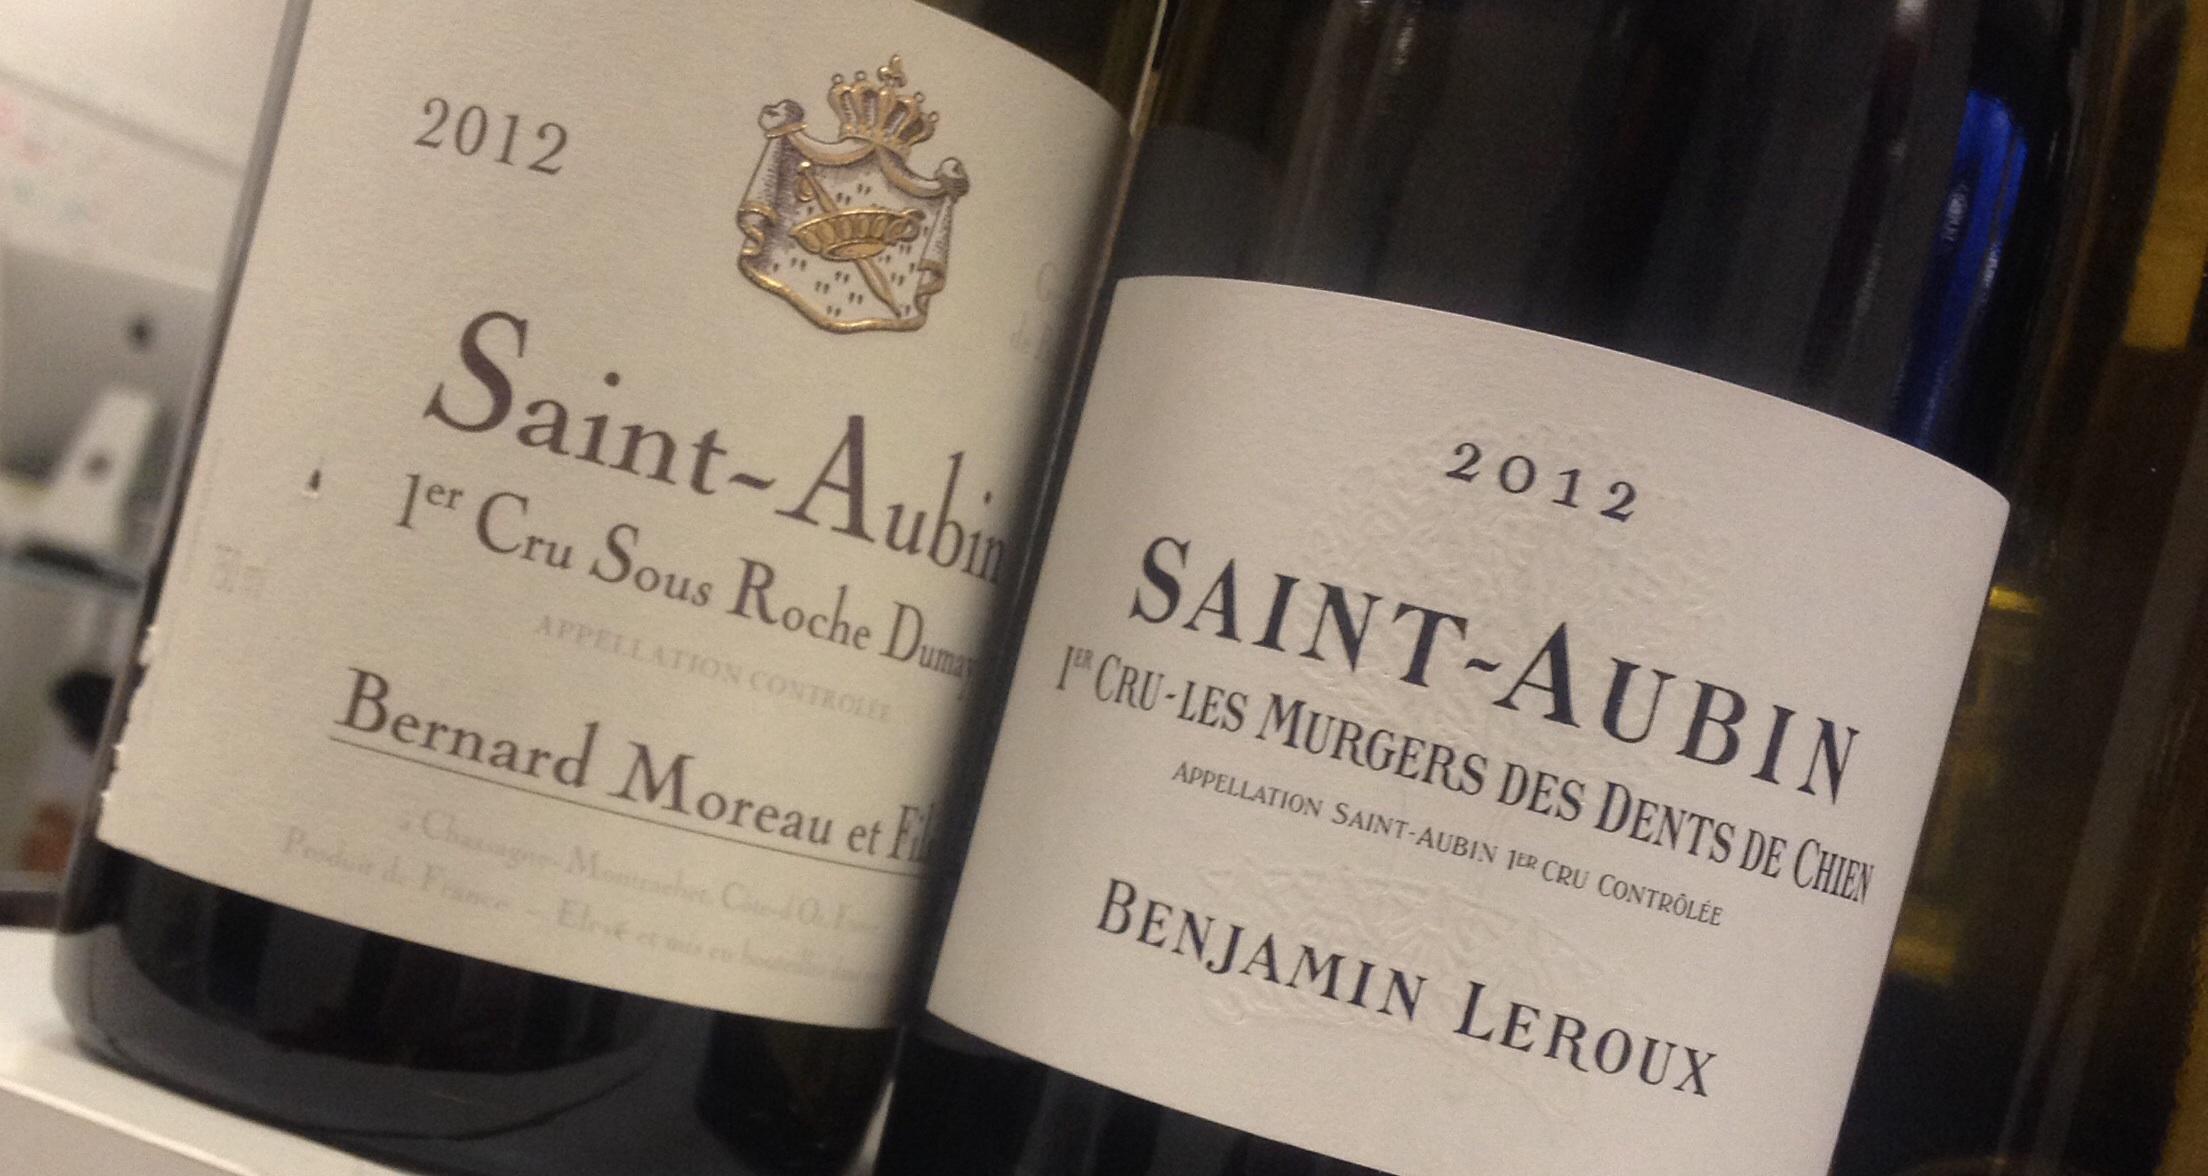 Benjamin Leroux Saint Aubin